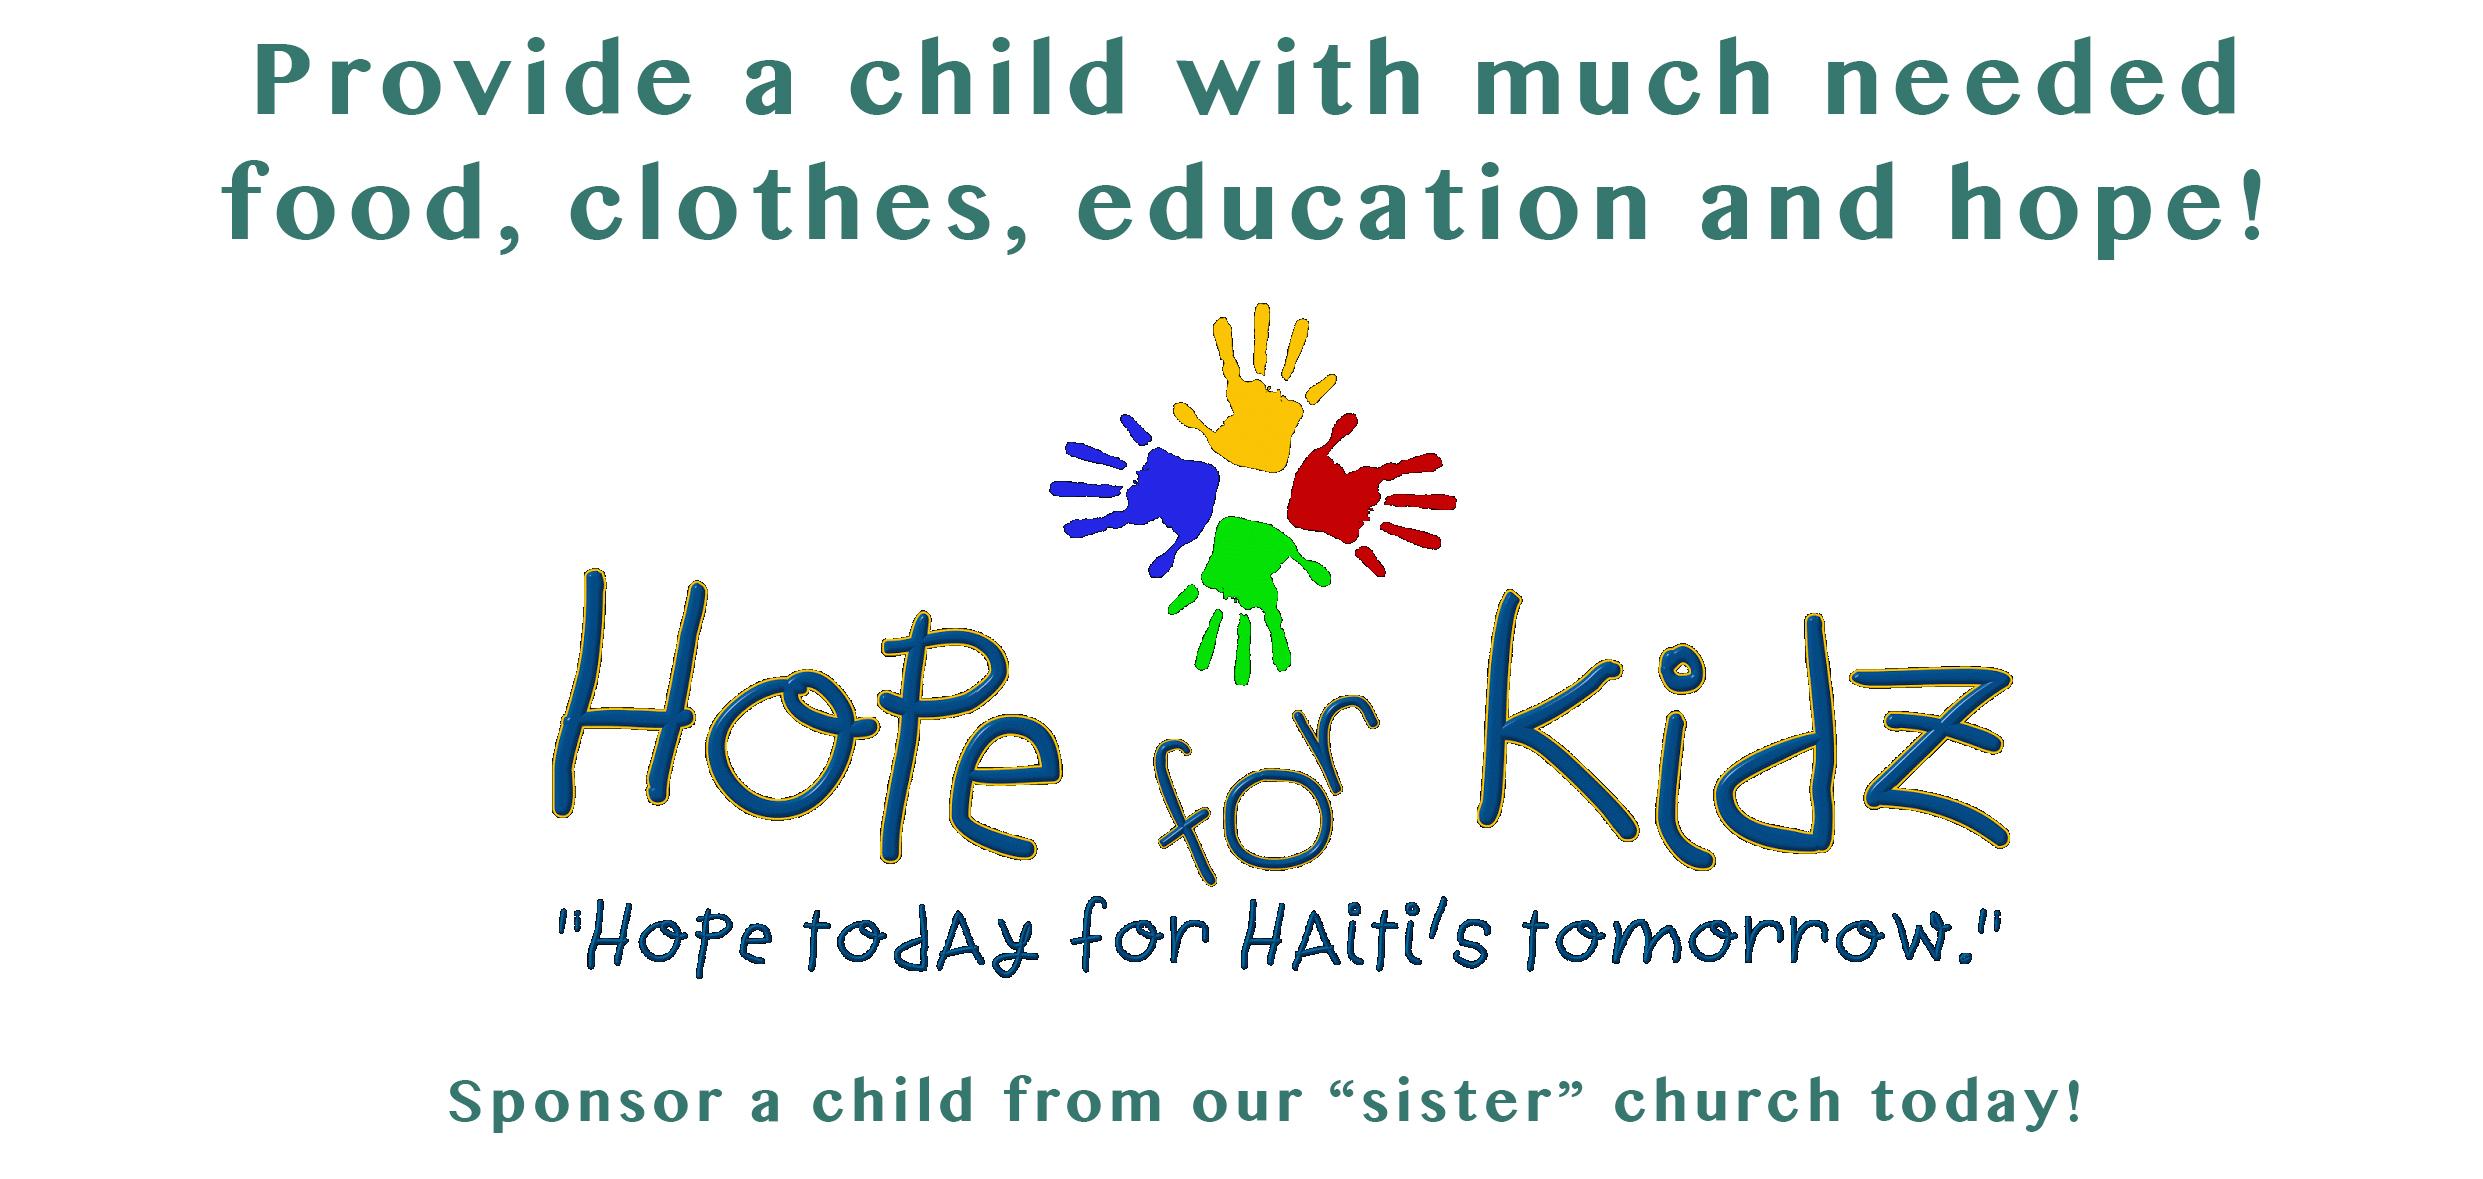 Hope for Kidz